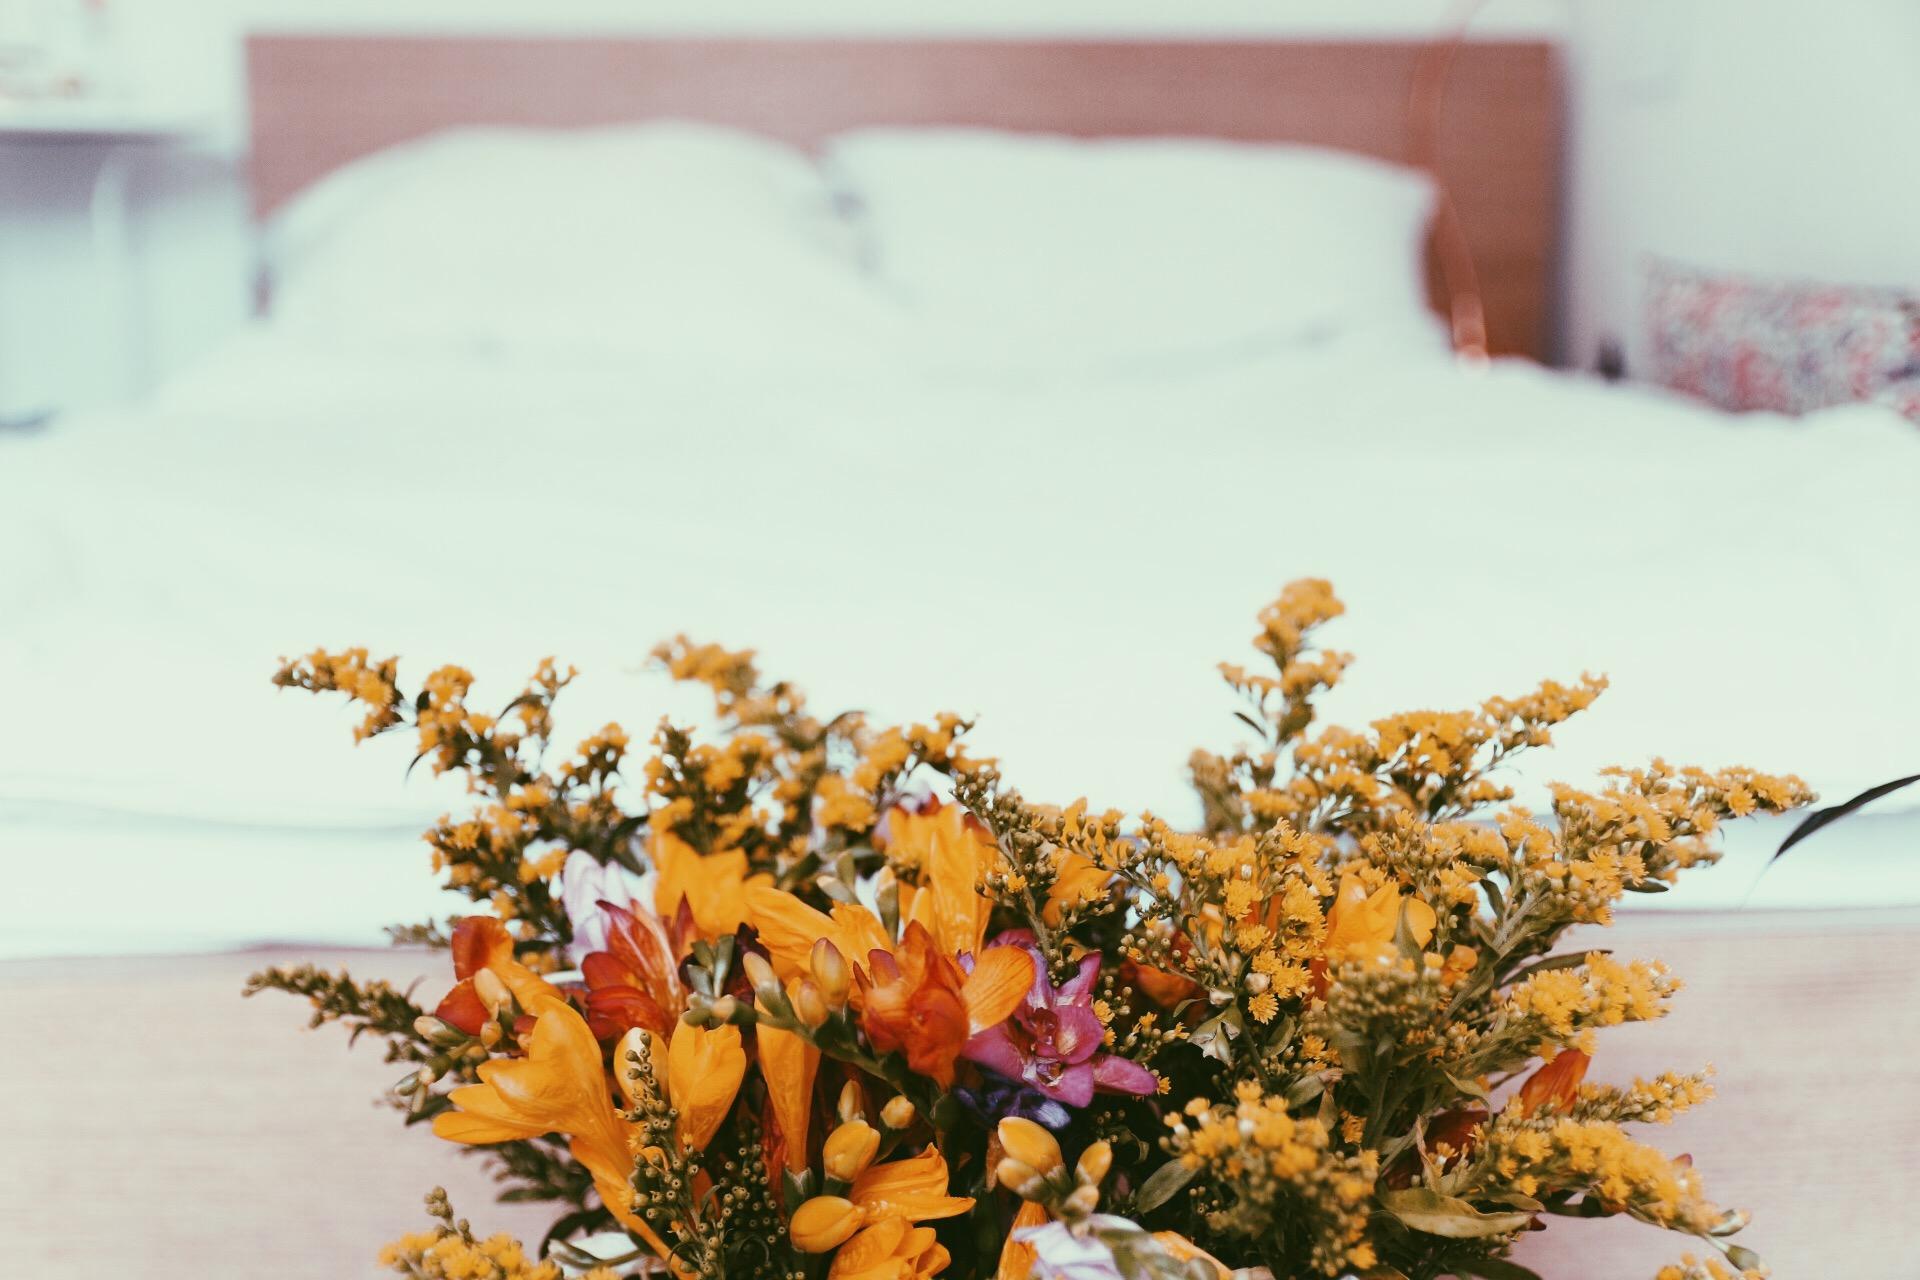 Meine Tipps für eine ordentliche und saubere Wohnung